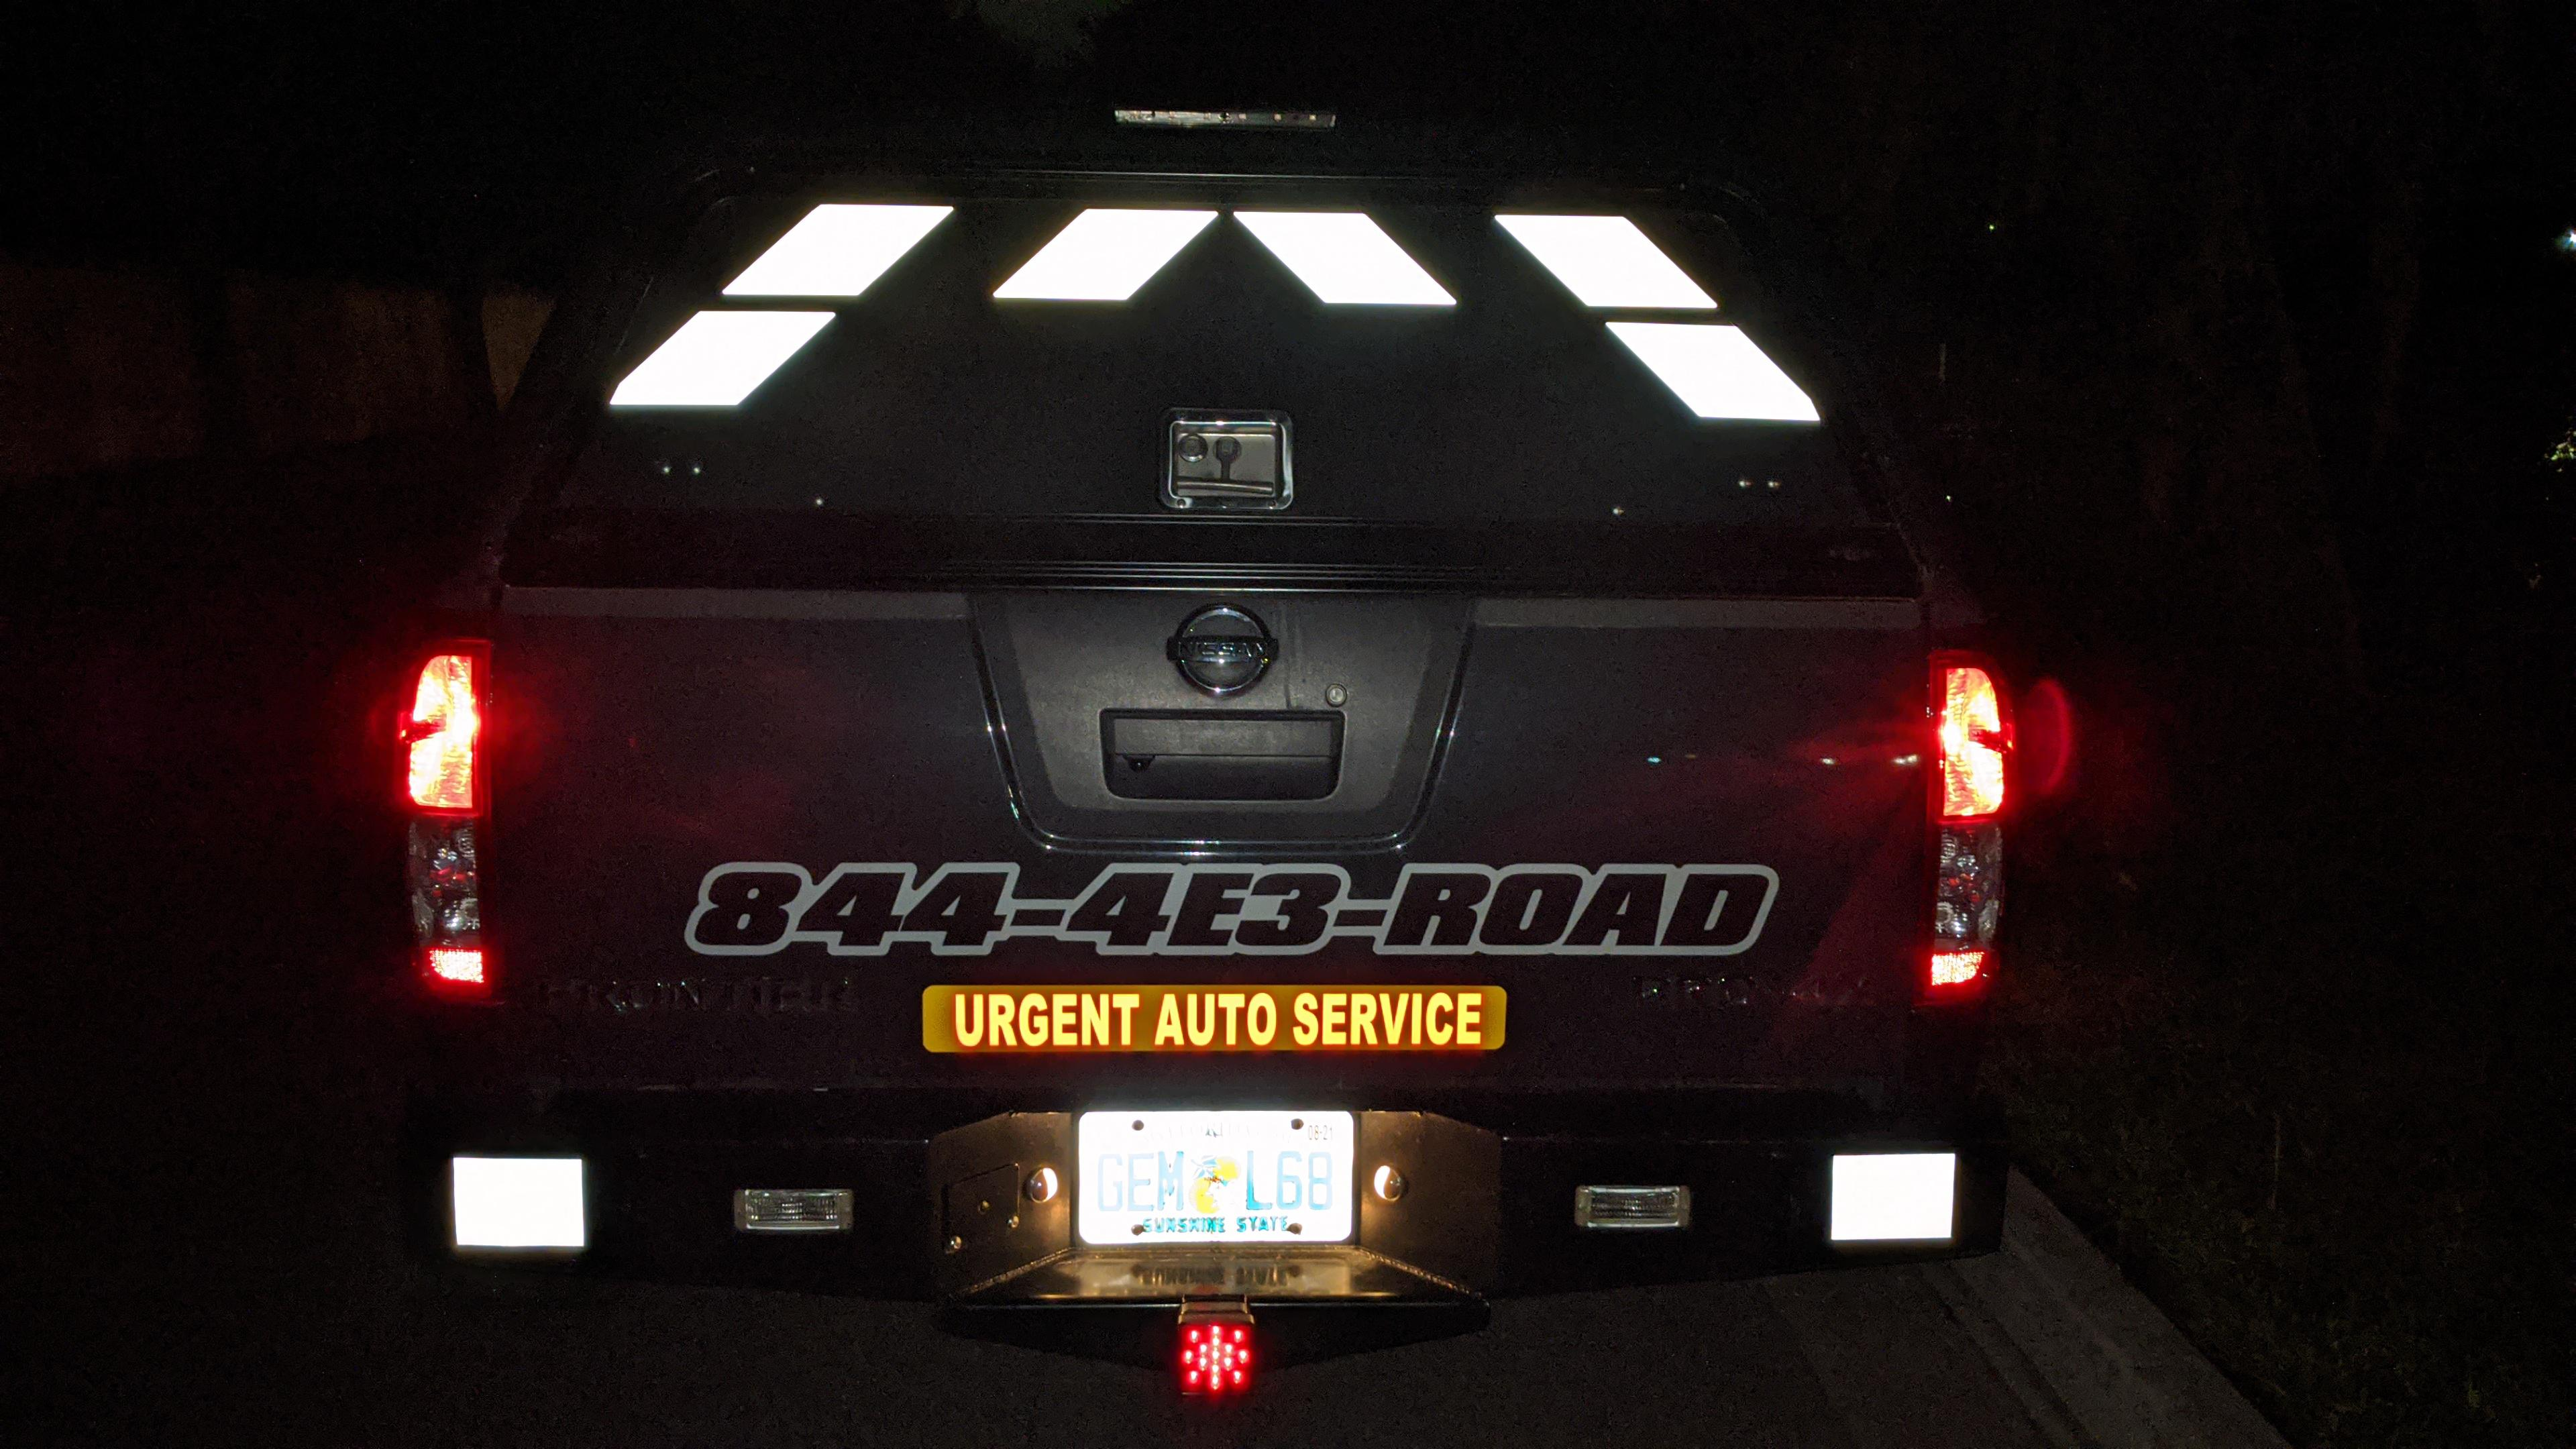 E3 Roadside Assistance Urgent Auto Service Jacksonville, FL